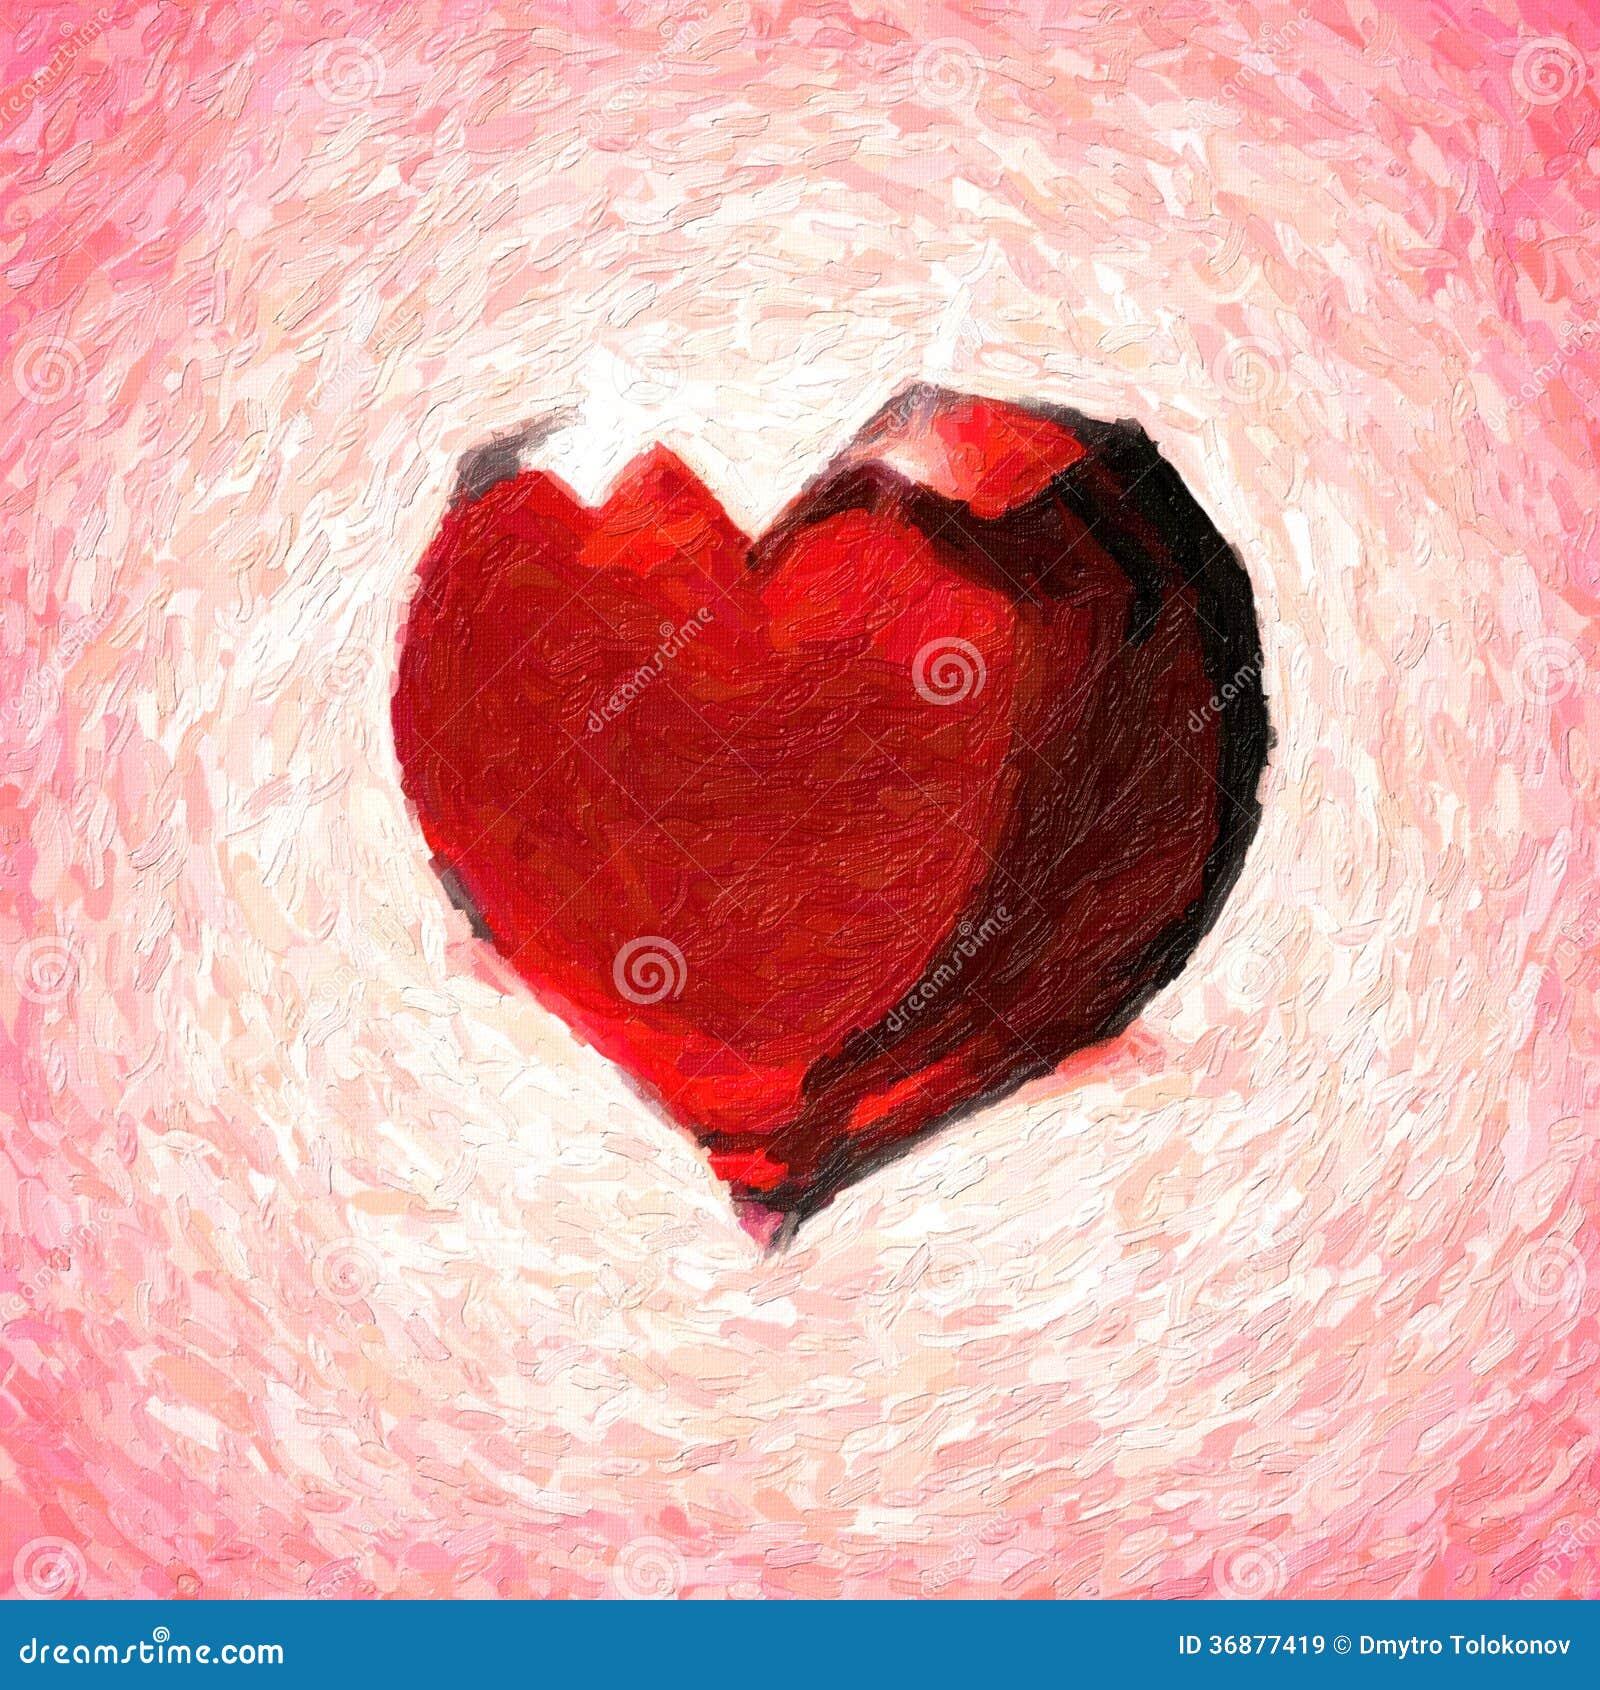 Download Cuore di cristallo. illustrazione di stock. Illustrazione di background - 36877419